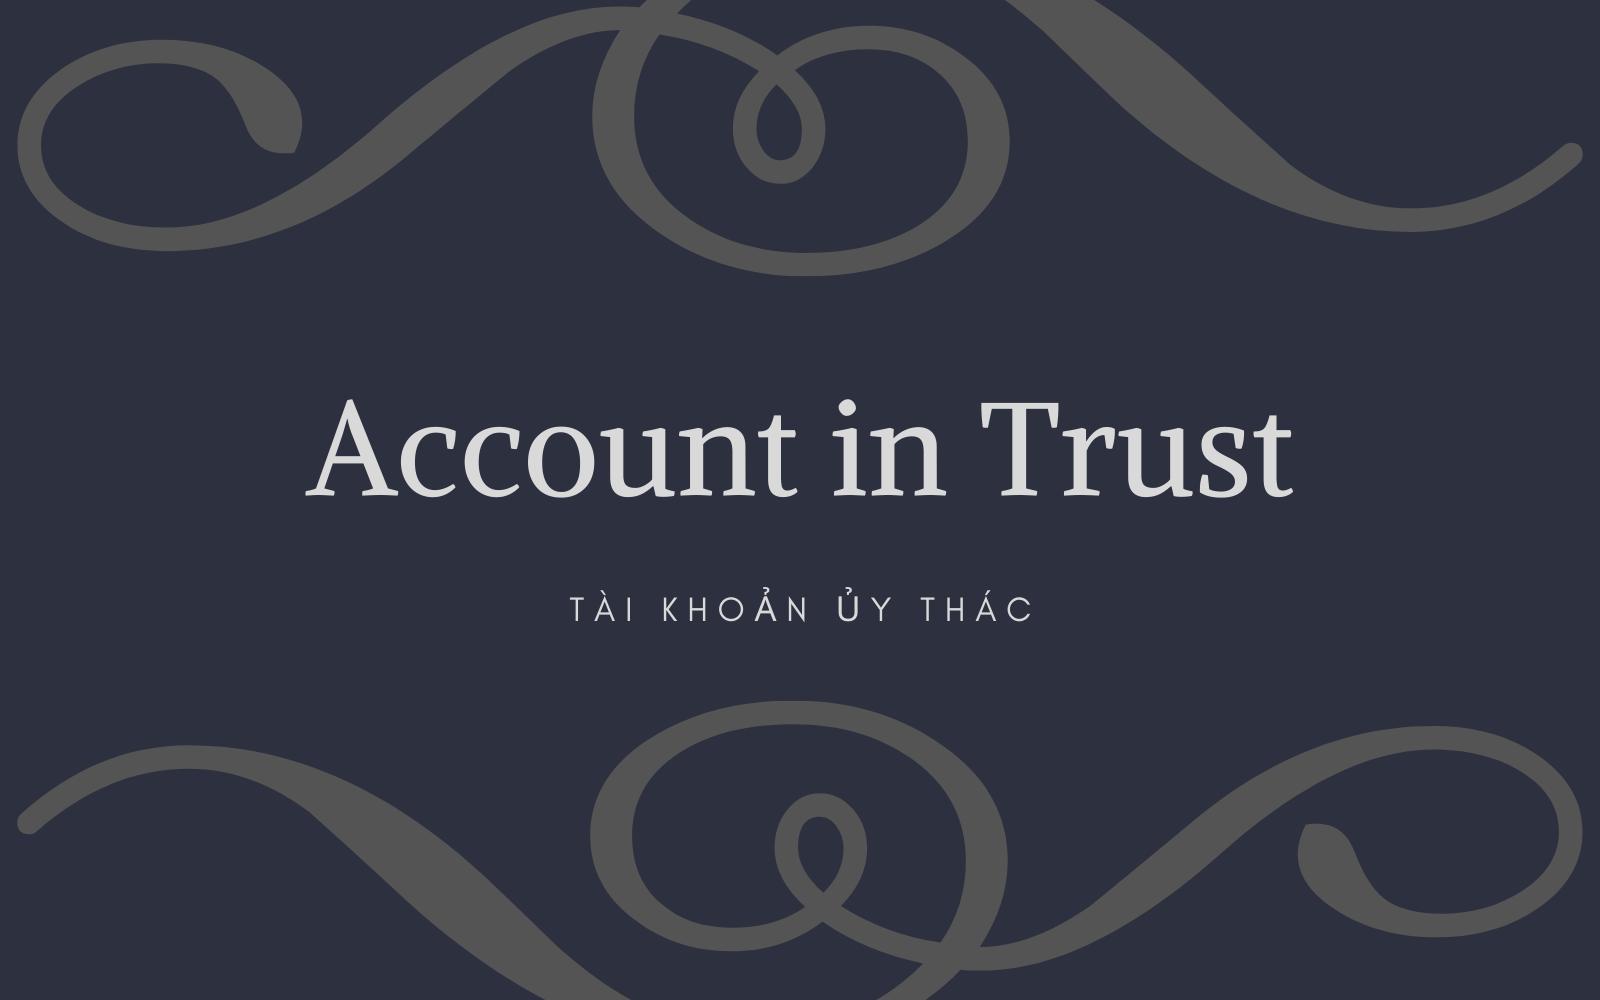 Tài khoản ủy thác (Account in Trust) là gì? Cách thức hoạt động